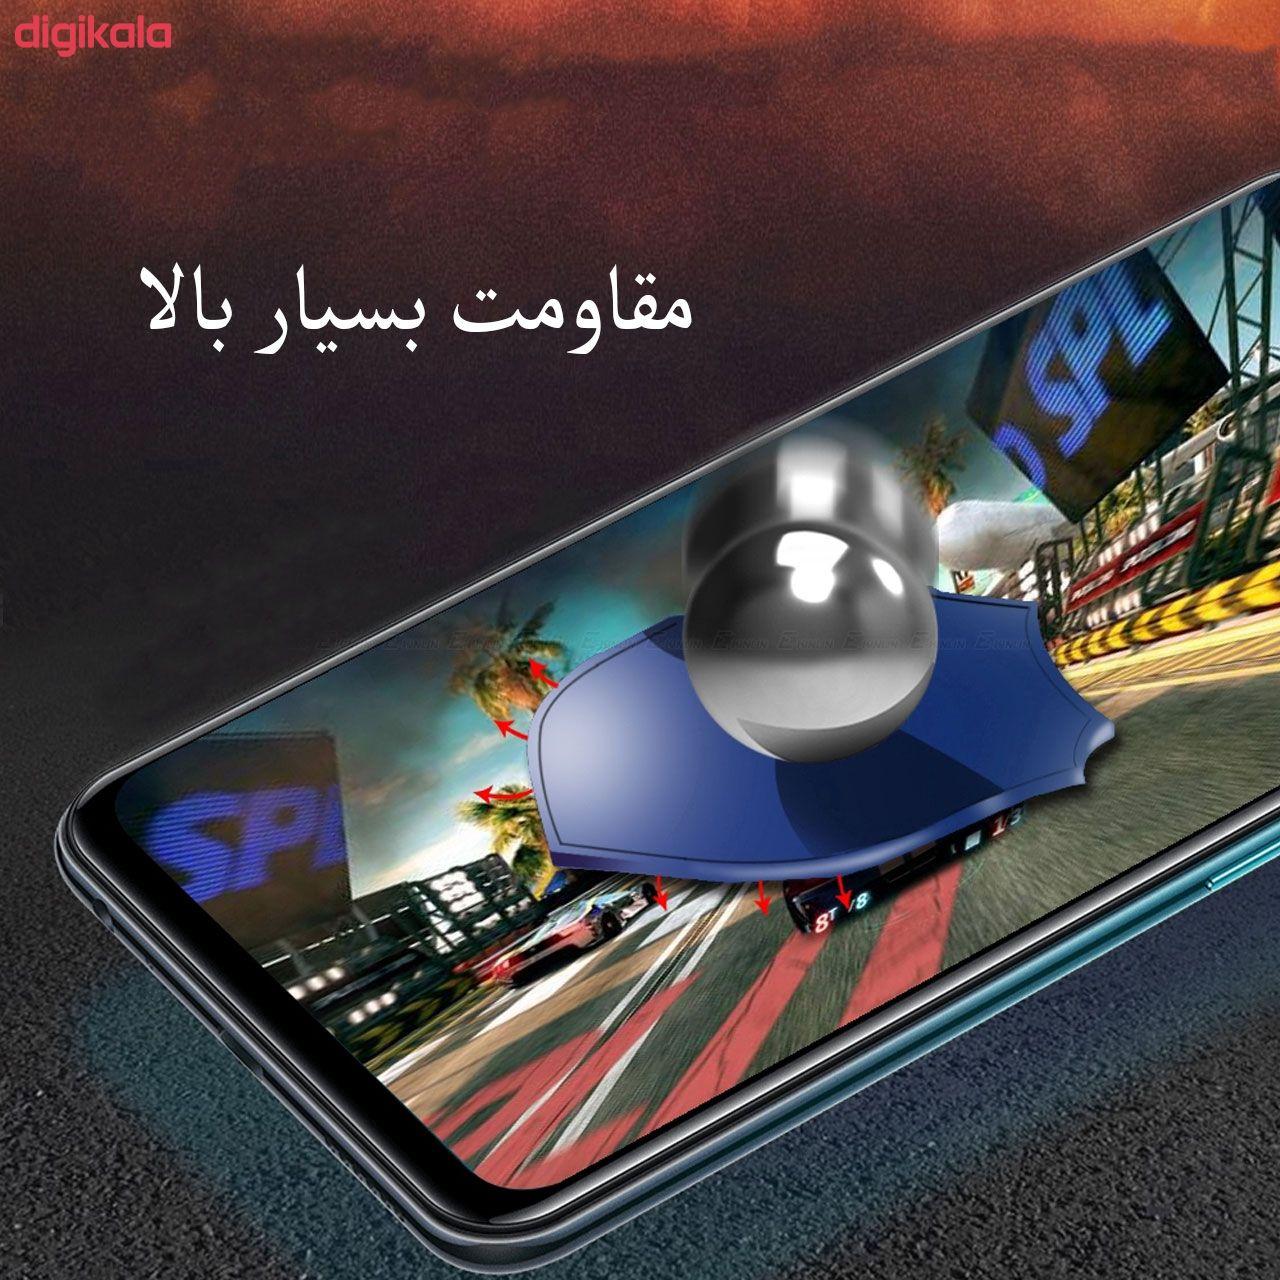 محافظ صفحه نمایش مدل FCG مناسب برای گوشی موبایل سامسونگ Galaxy A12 main 1 8